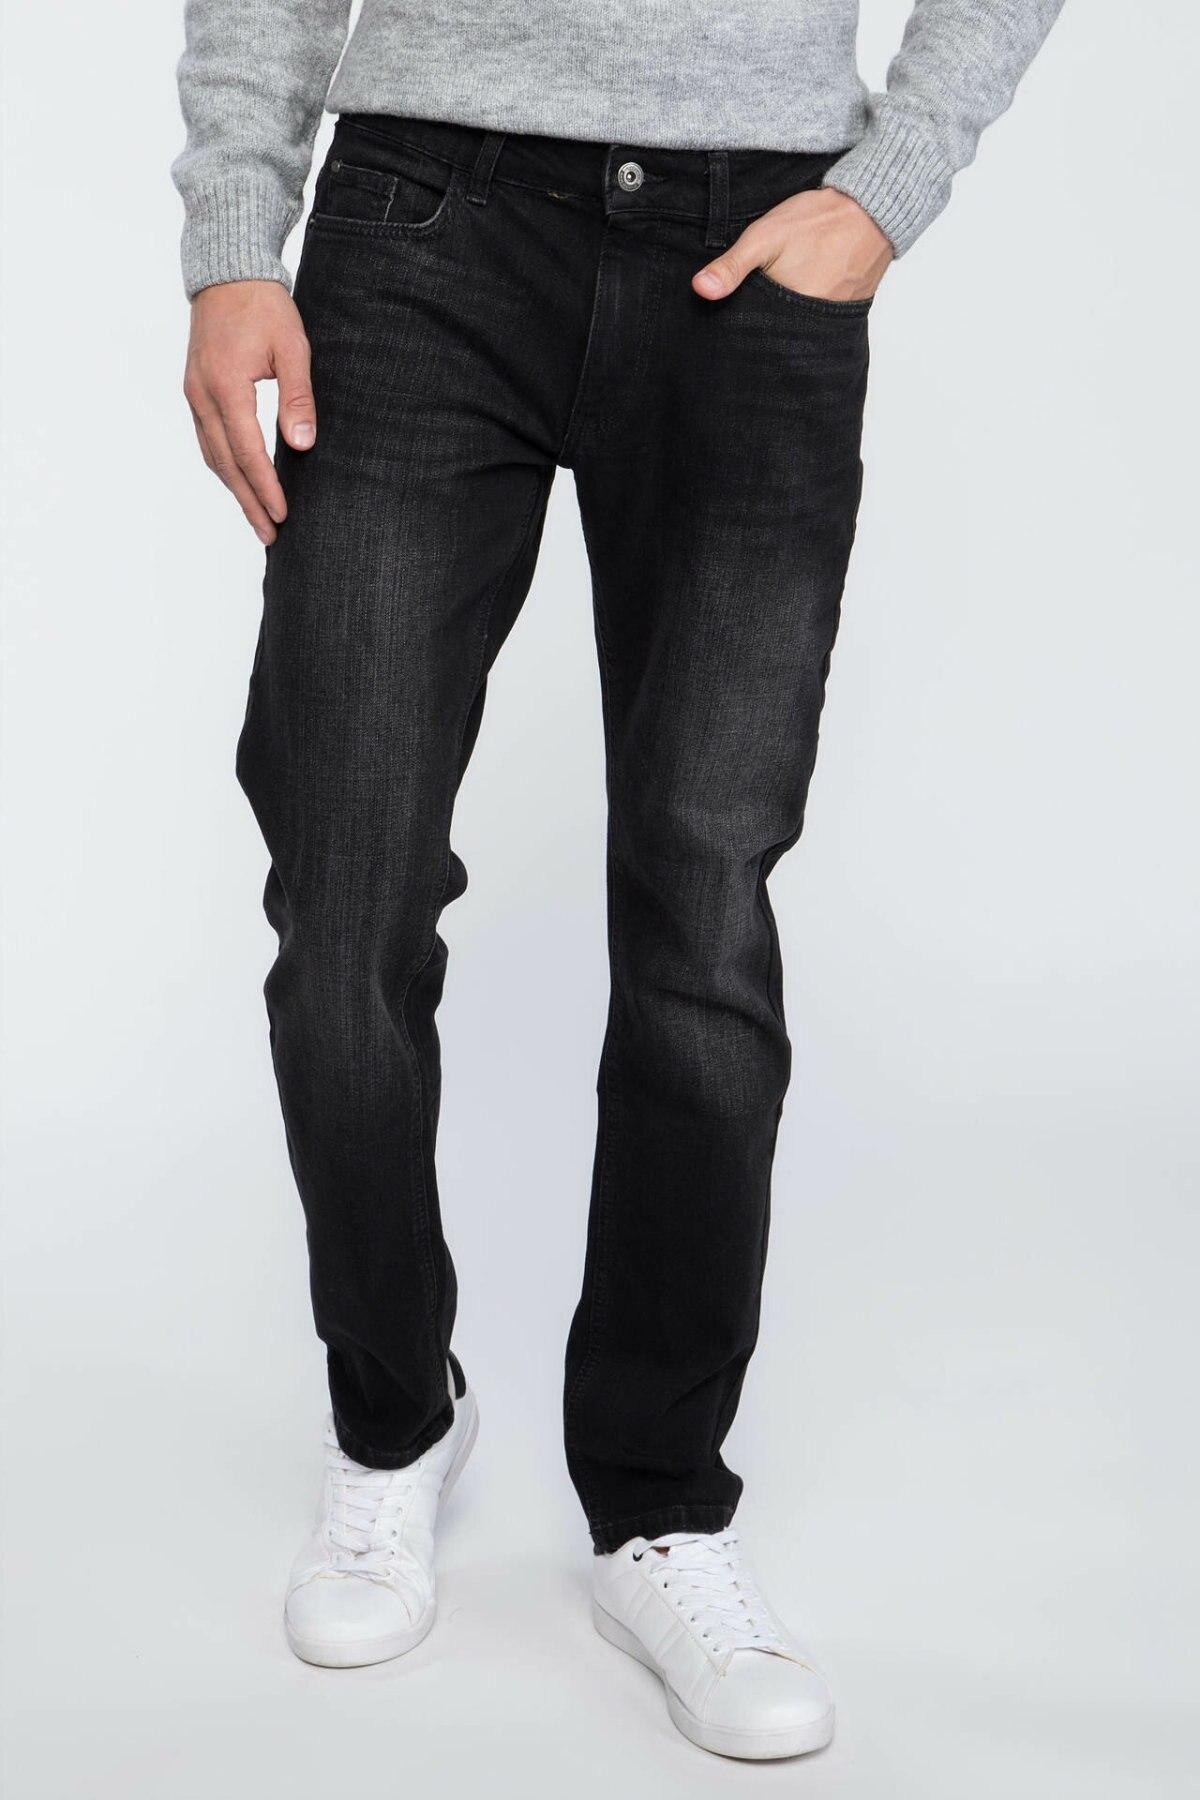 DeFacto Man Casual Denim   Jeans   Black Long Trousers Men Mid-waist Fashion Denim Pants All-match-H2498AZ17AU